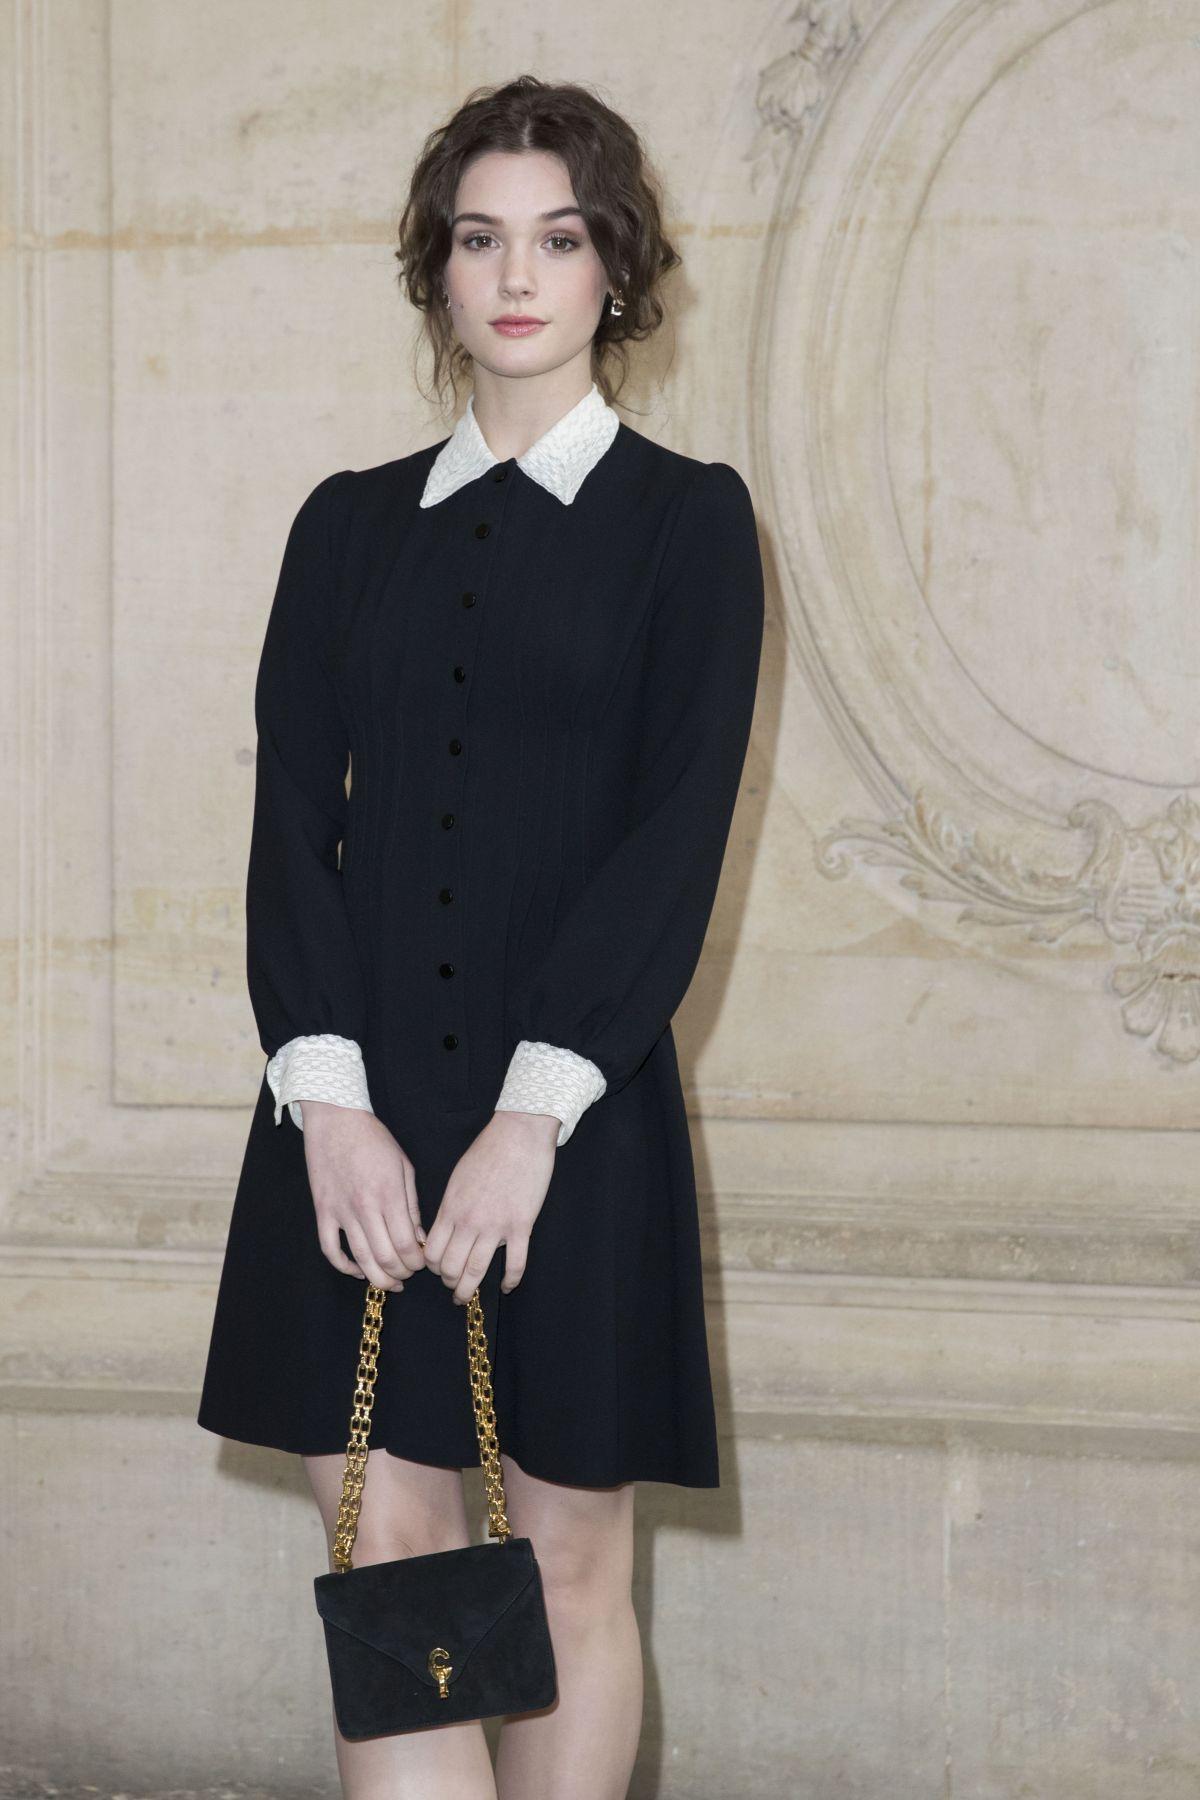 SAI BENNETT at Christian Dior Fashion Show in Paris 03/03/2017